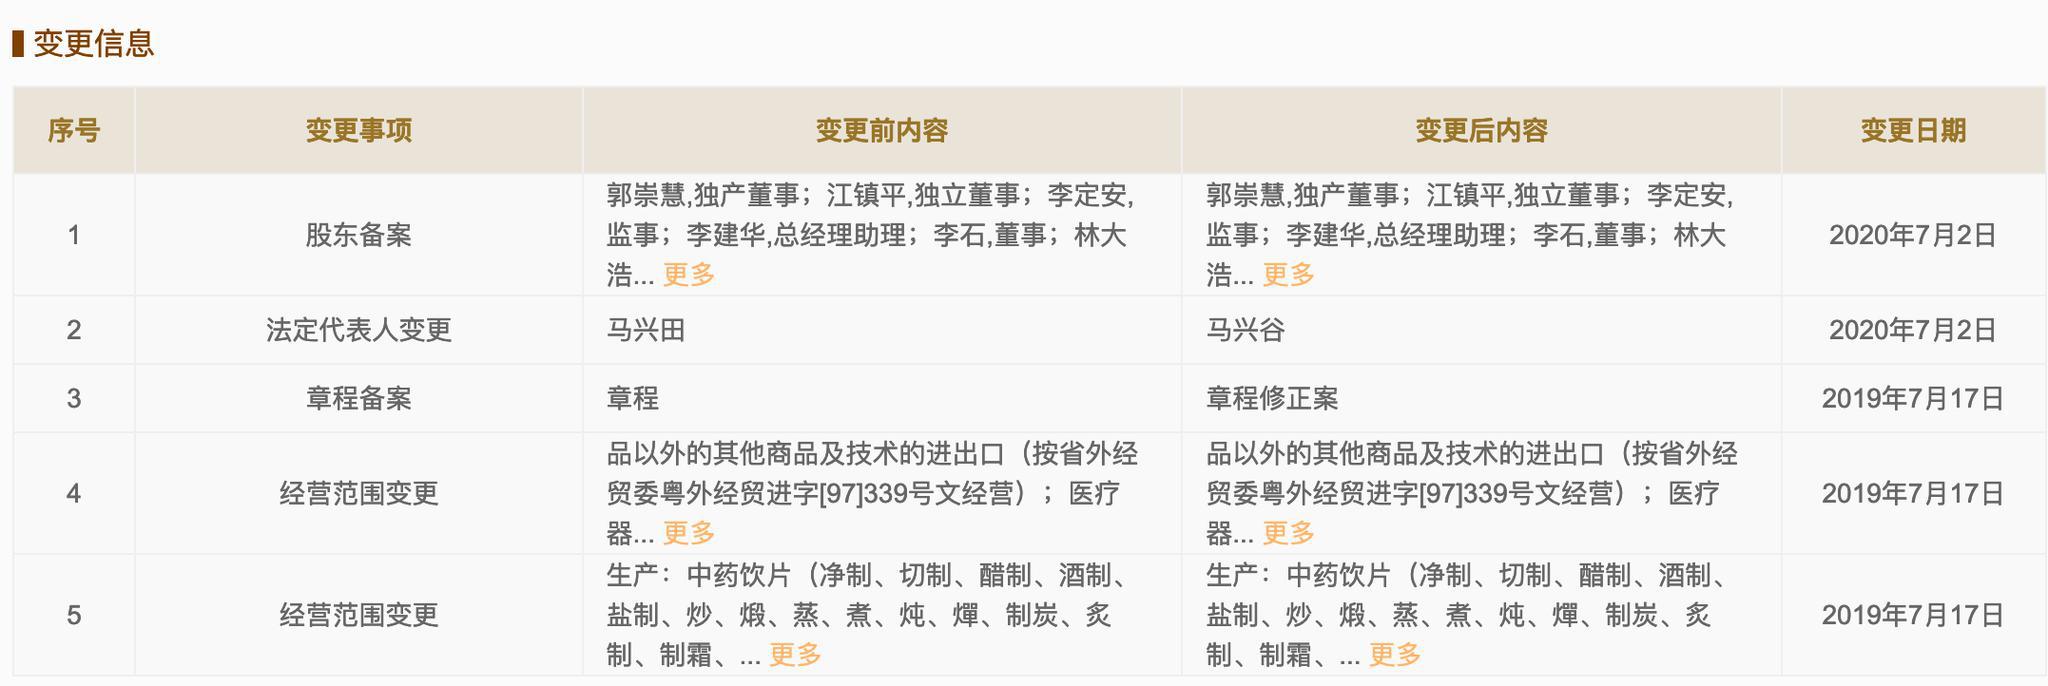 [股票配资]兴股票配资田卸任康美药业法定代图片